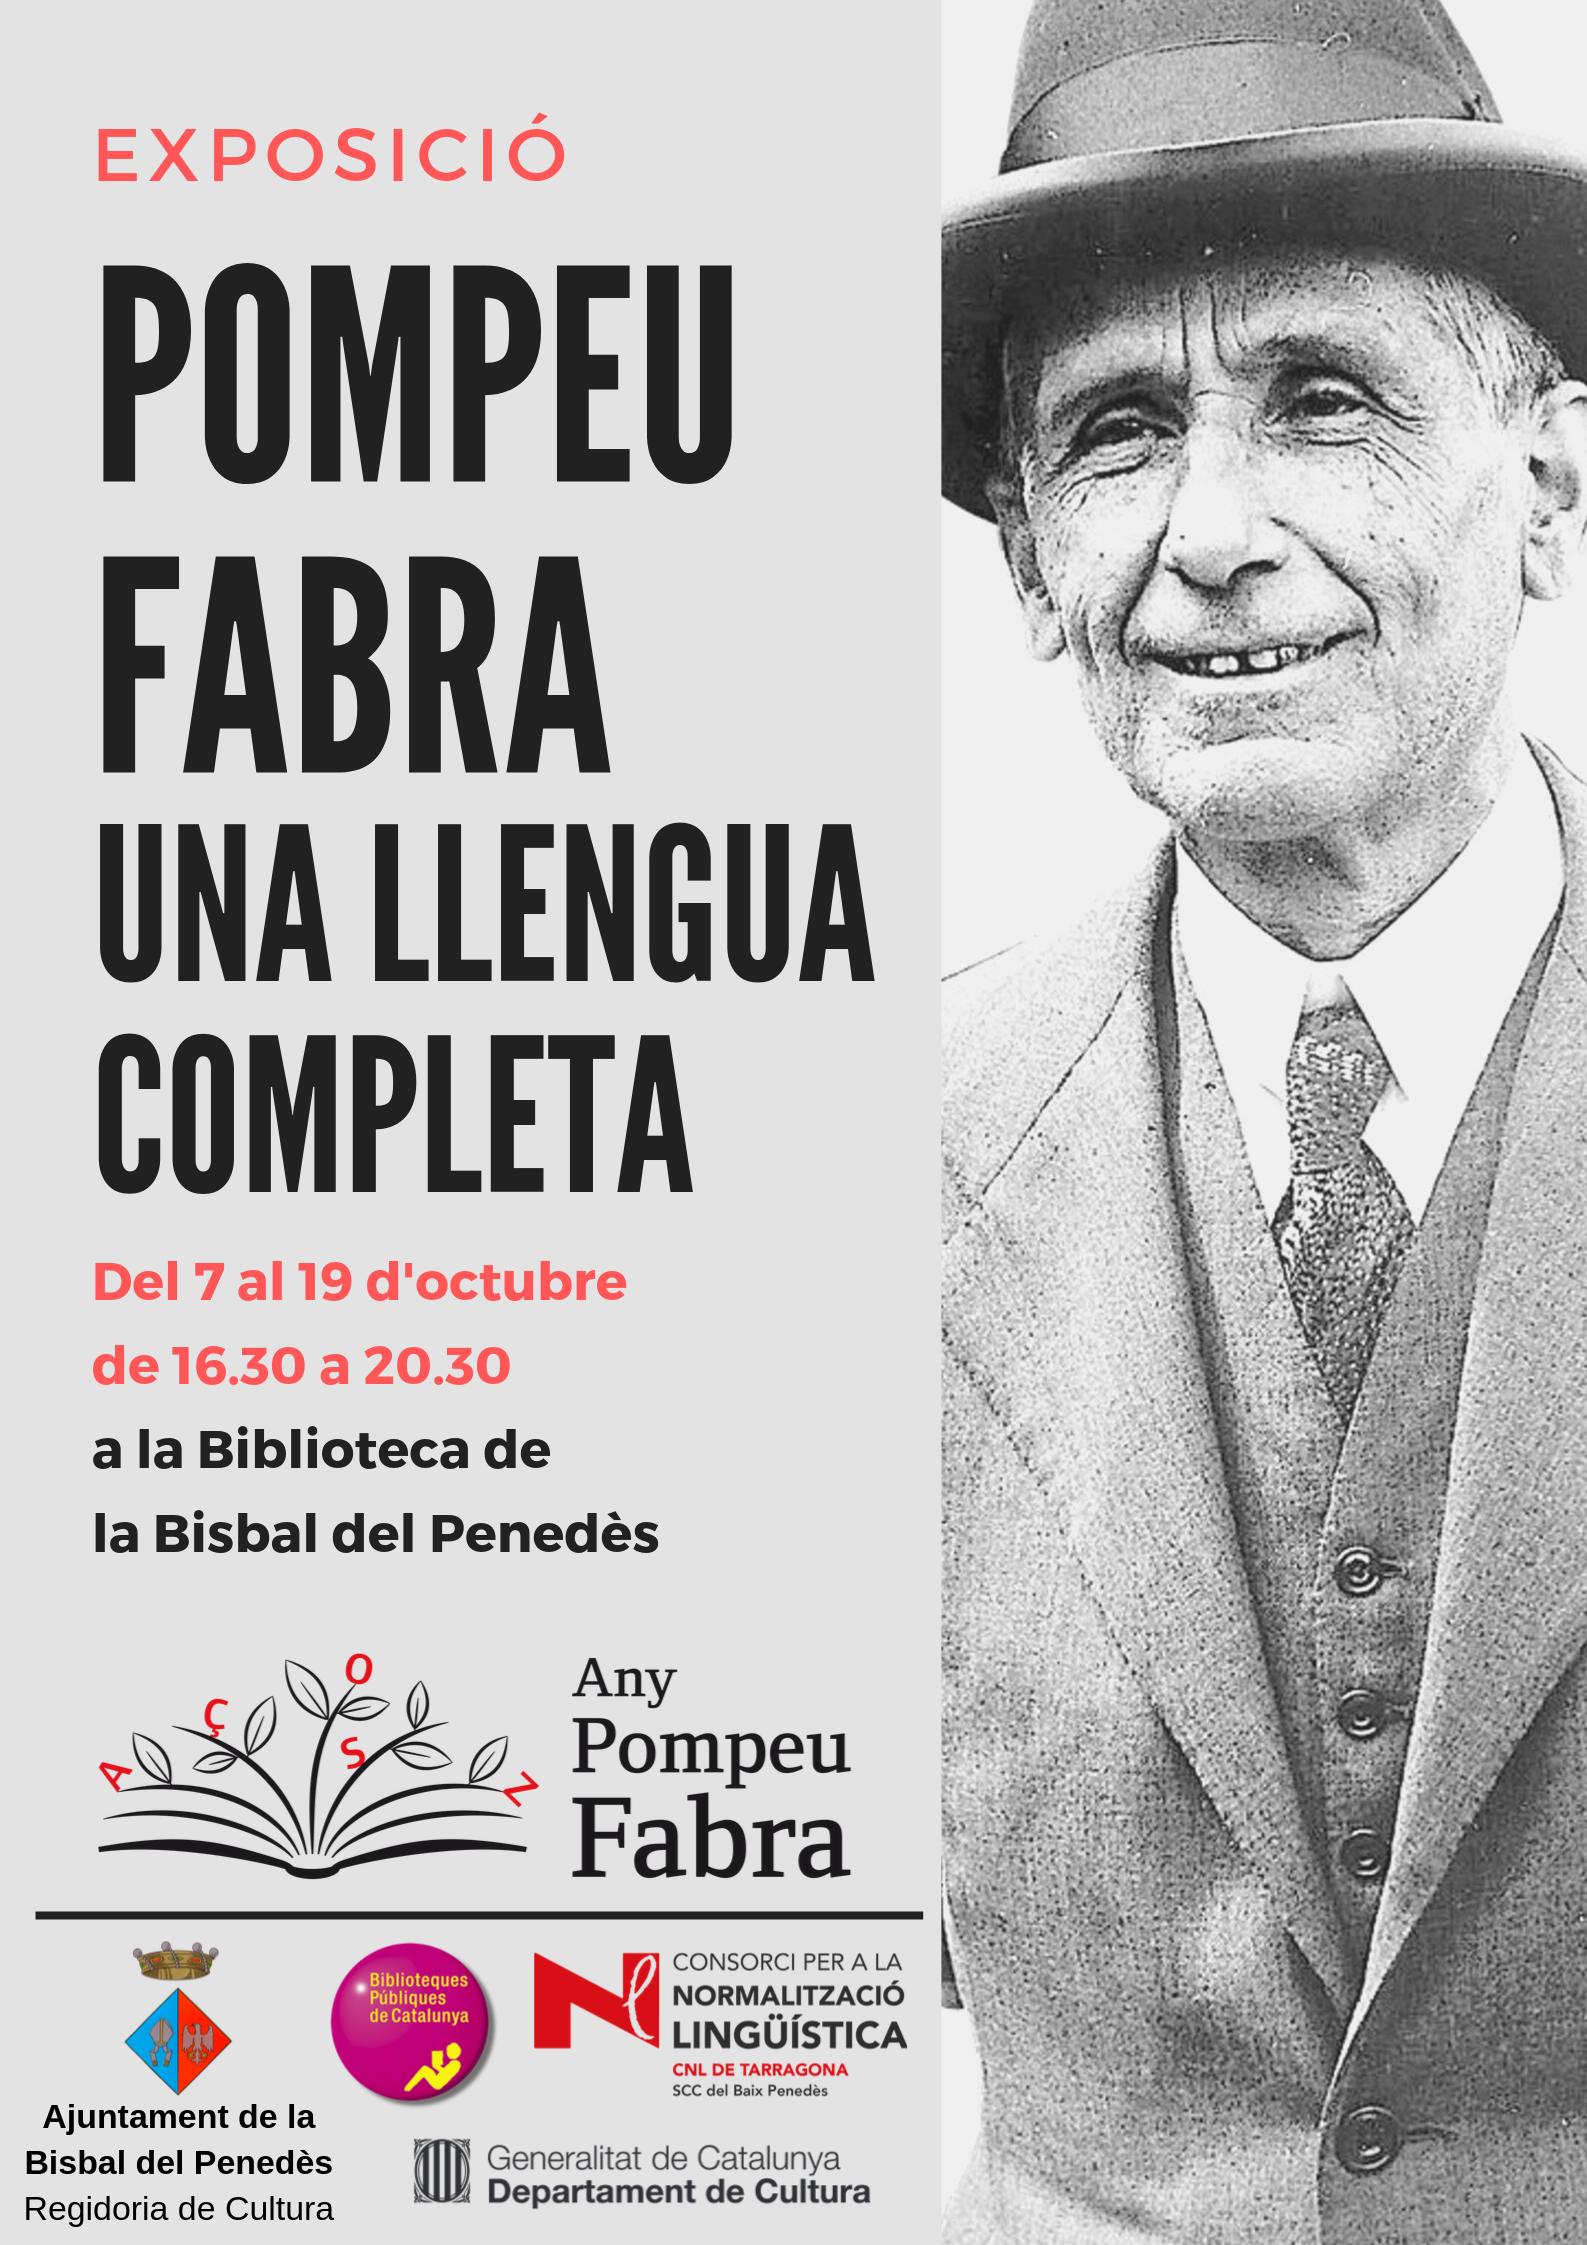 Del 7 al 19 d'octubre la Biblioteca acollirà una exposició amb motiu de l'Any Pompeu Fabra